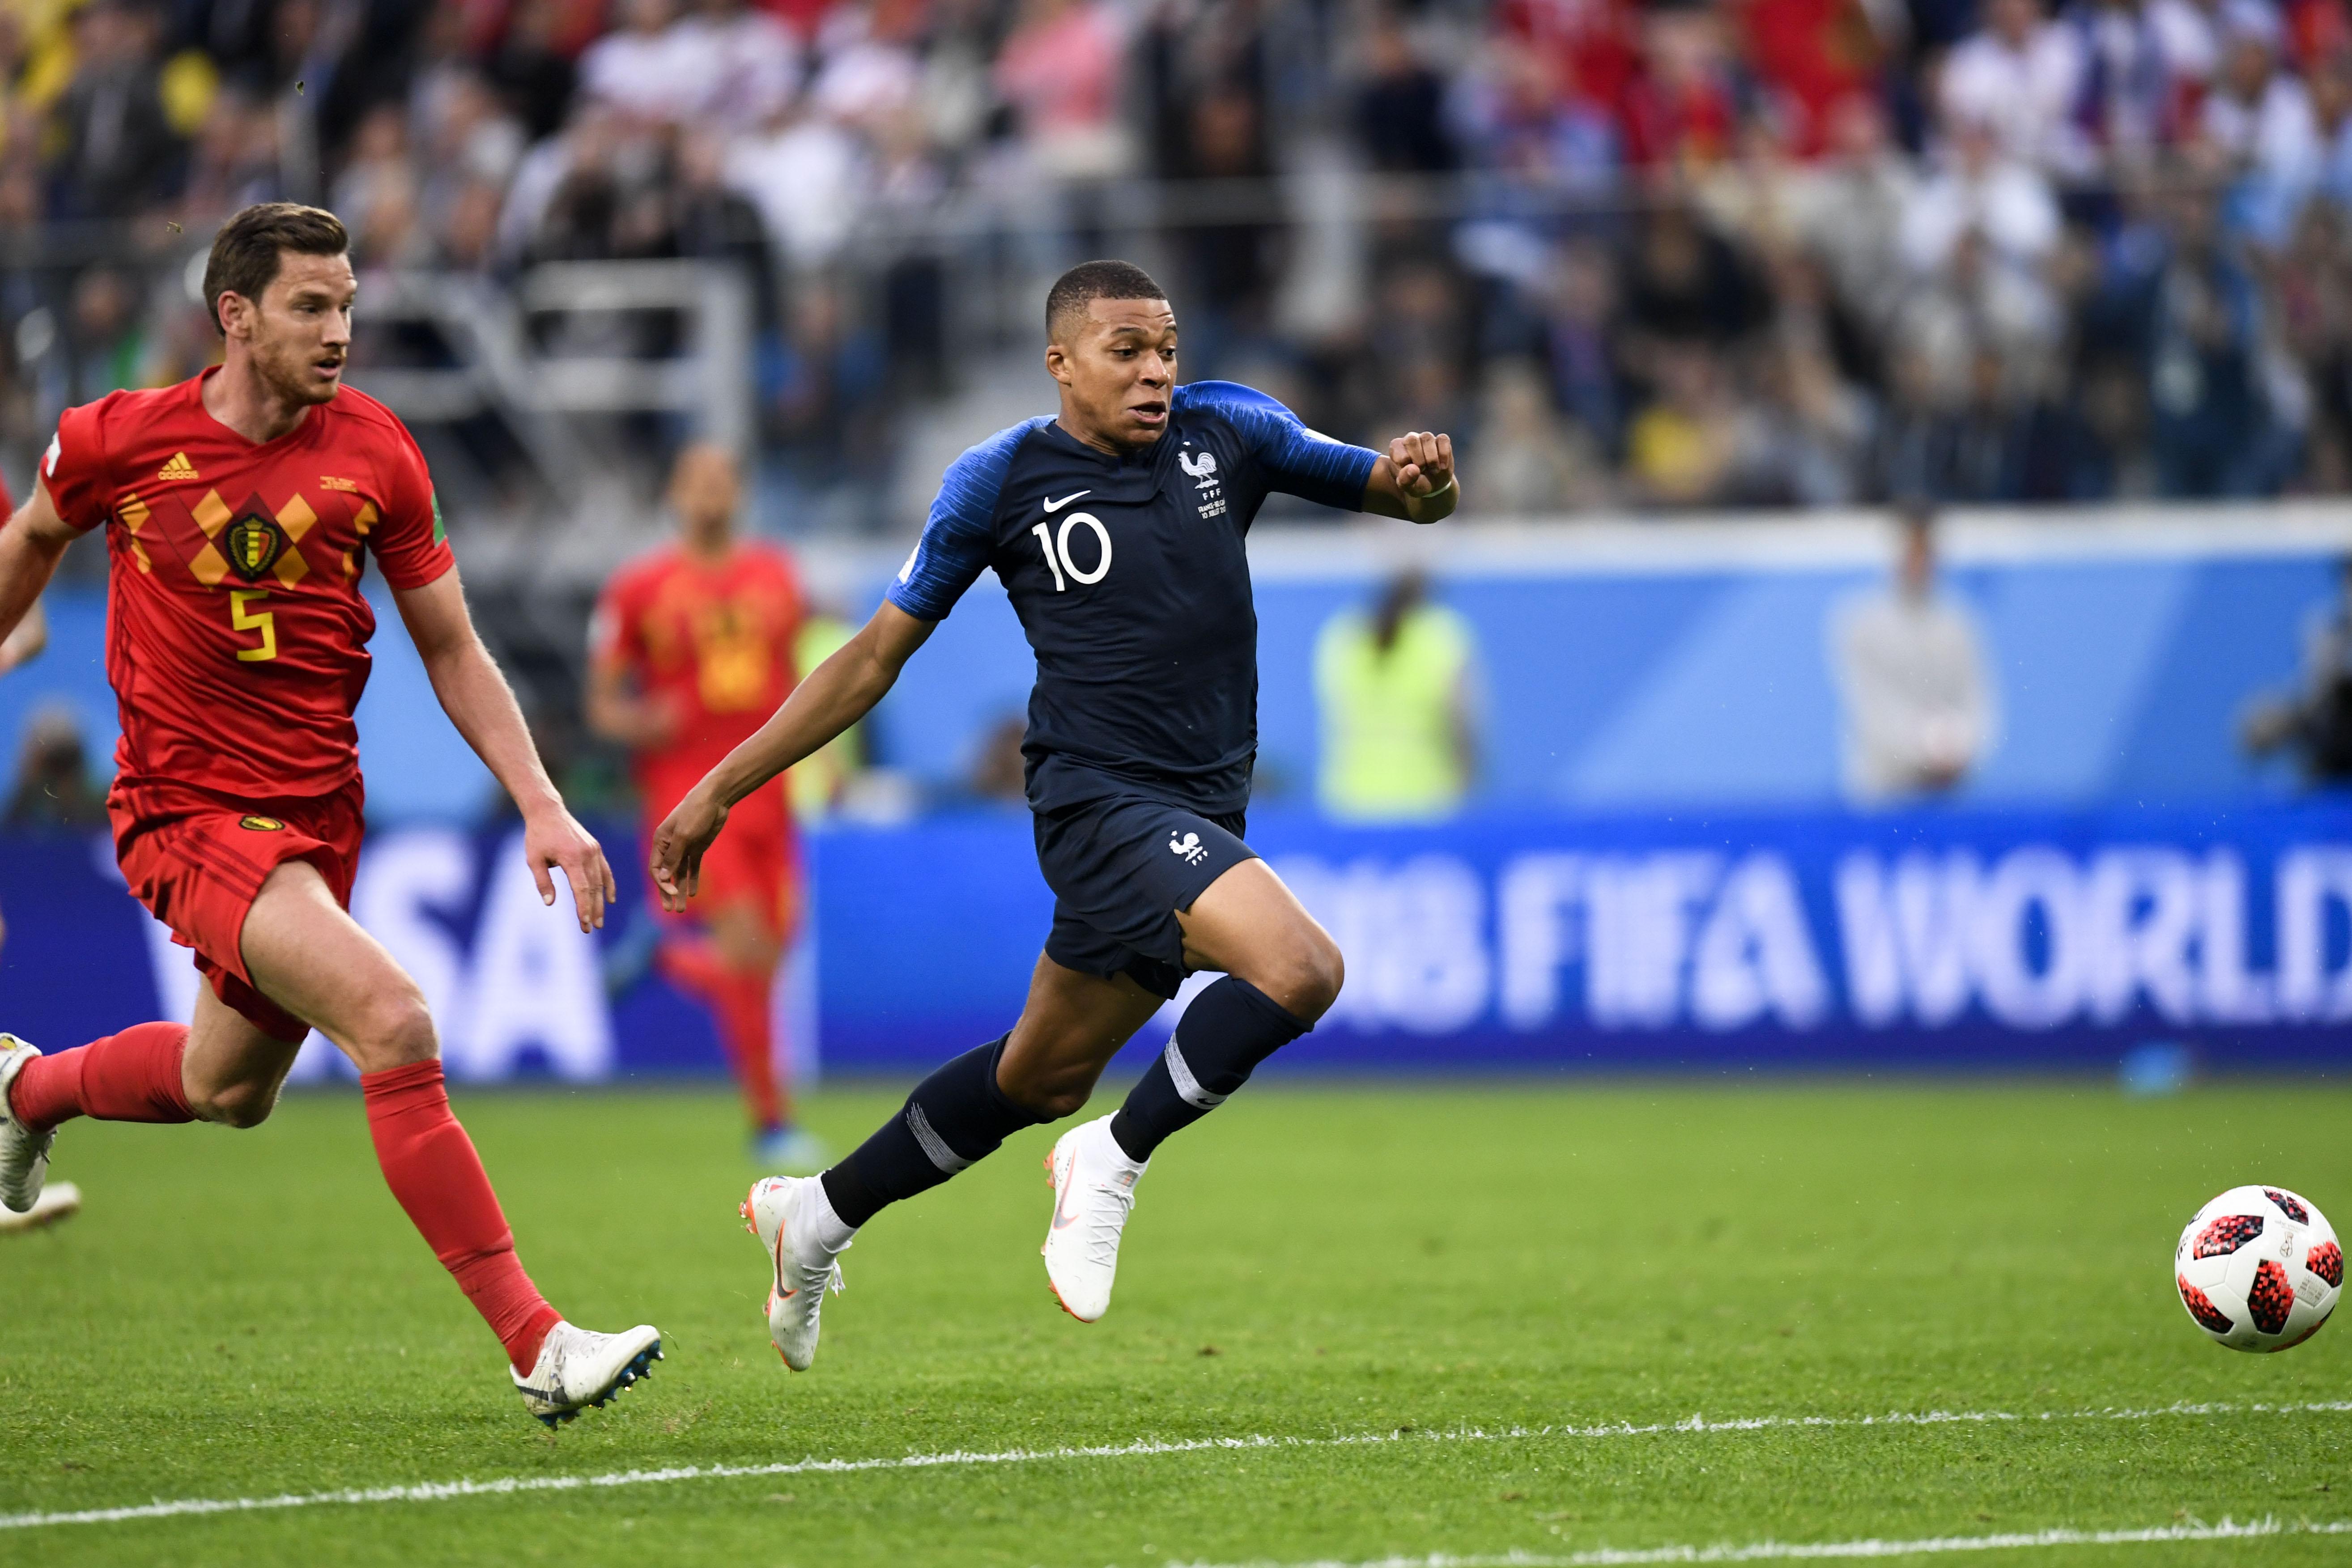 Football - Coupe du monde - Coupe du monde 2018  : Les chiffres à connaître avant la finale France-Croatie